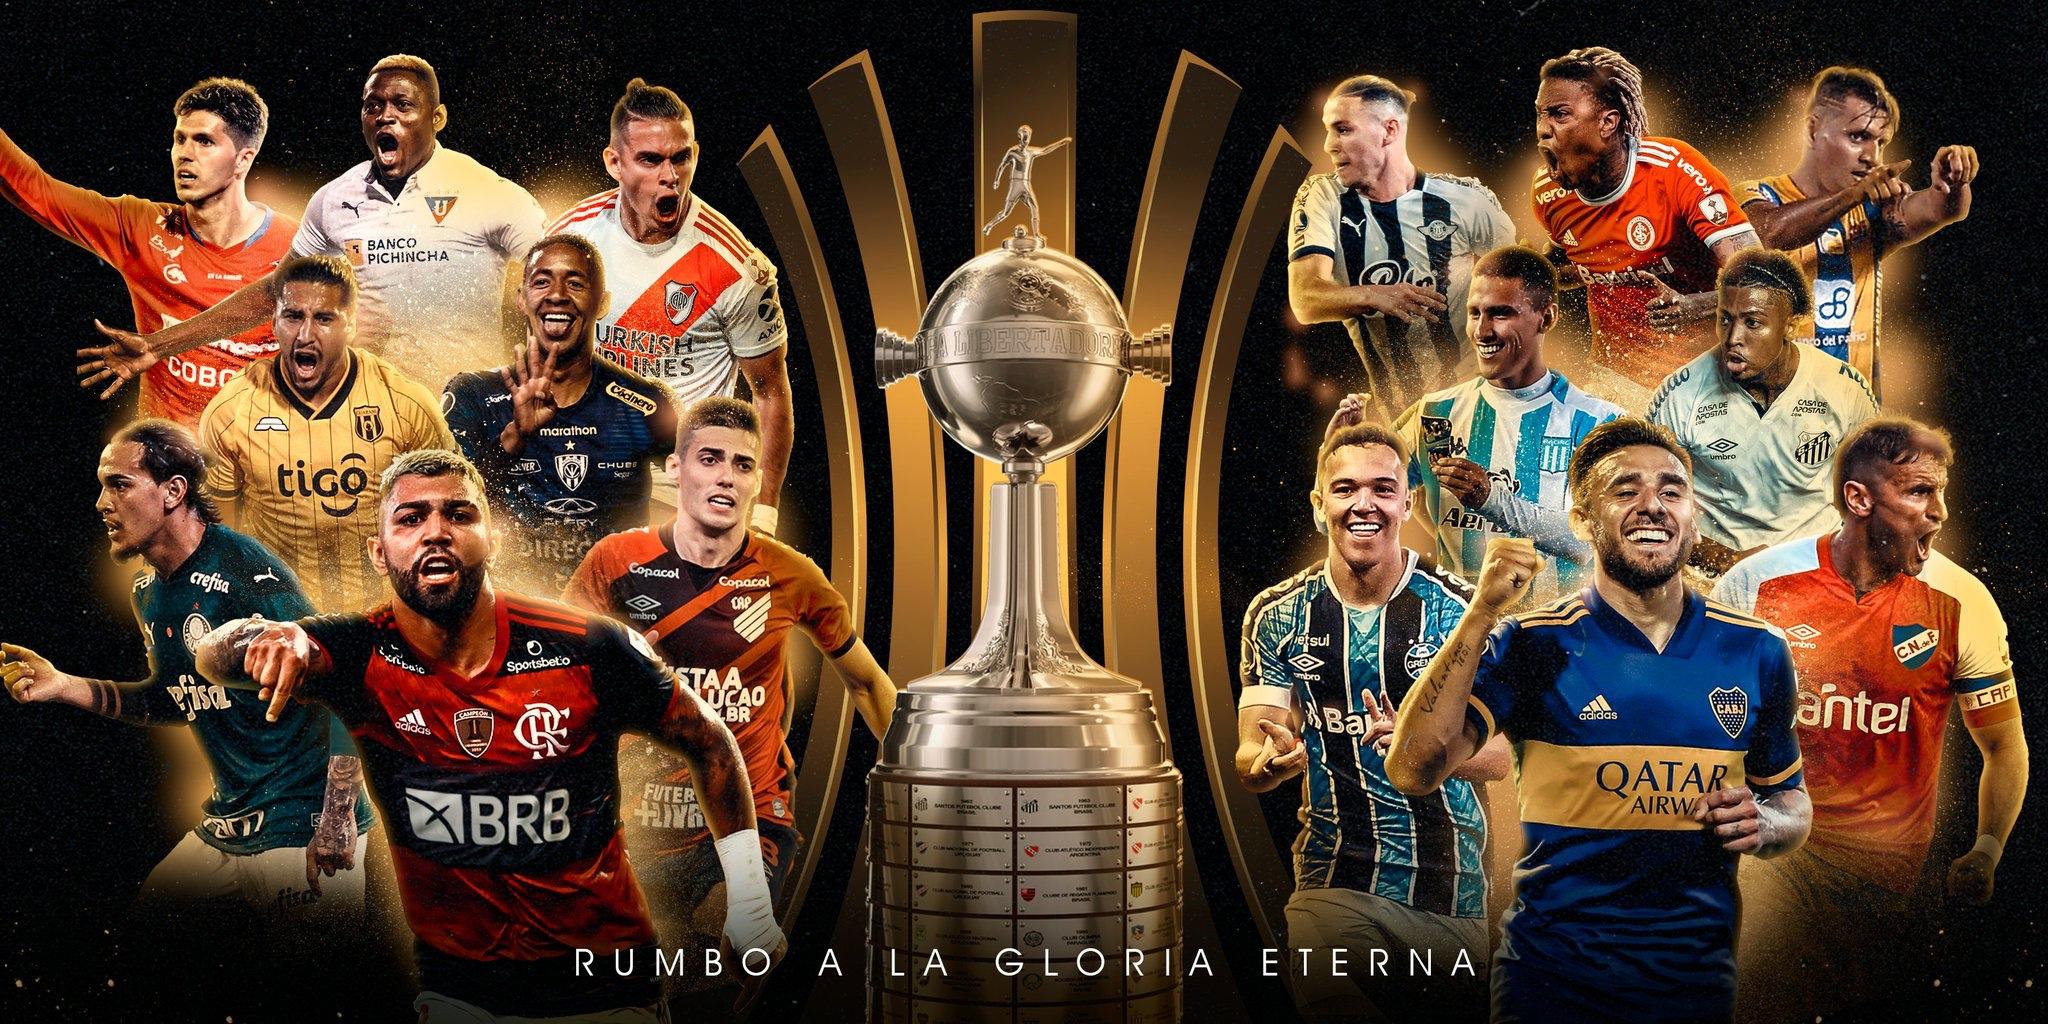 Che sorteggio! E che Libertadores!